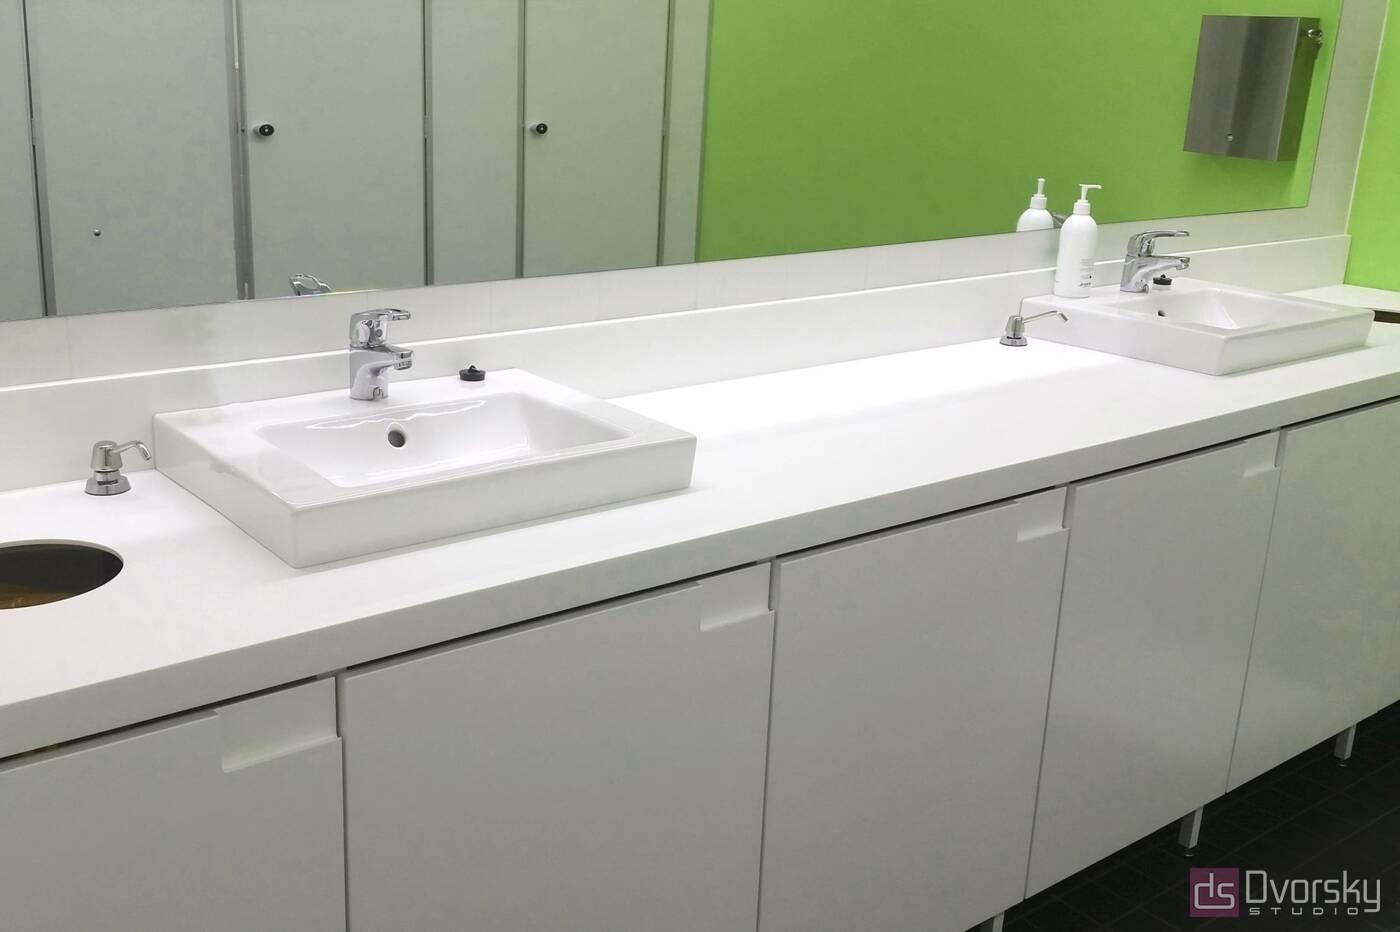 Меблі для ванної Стільниця врівень з фасадами для ванної - Фото № 2